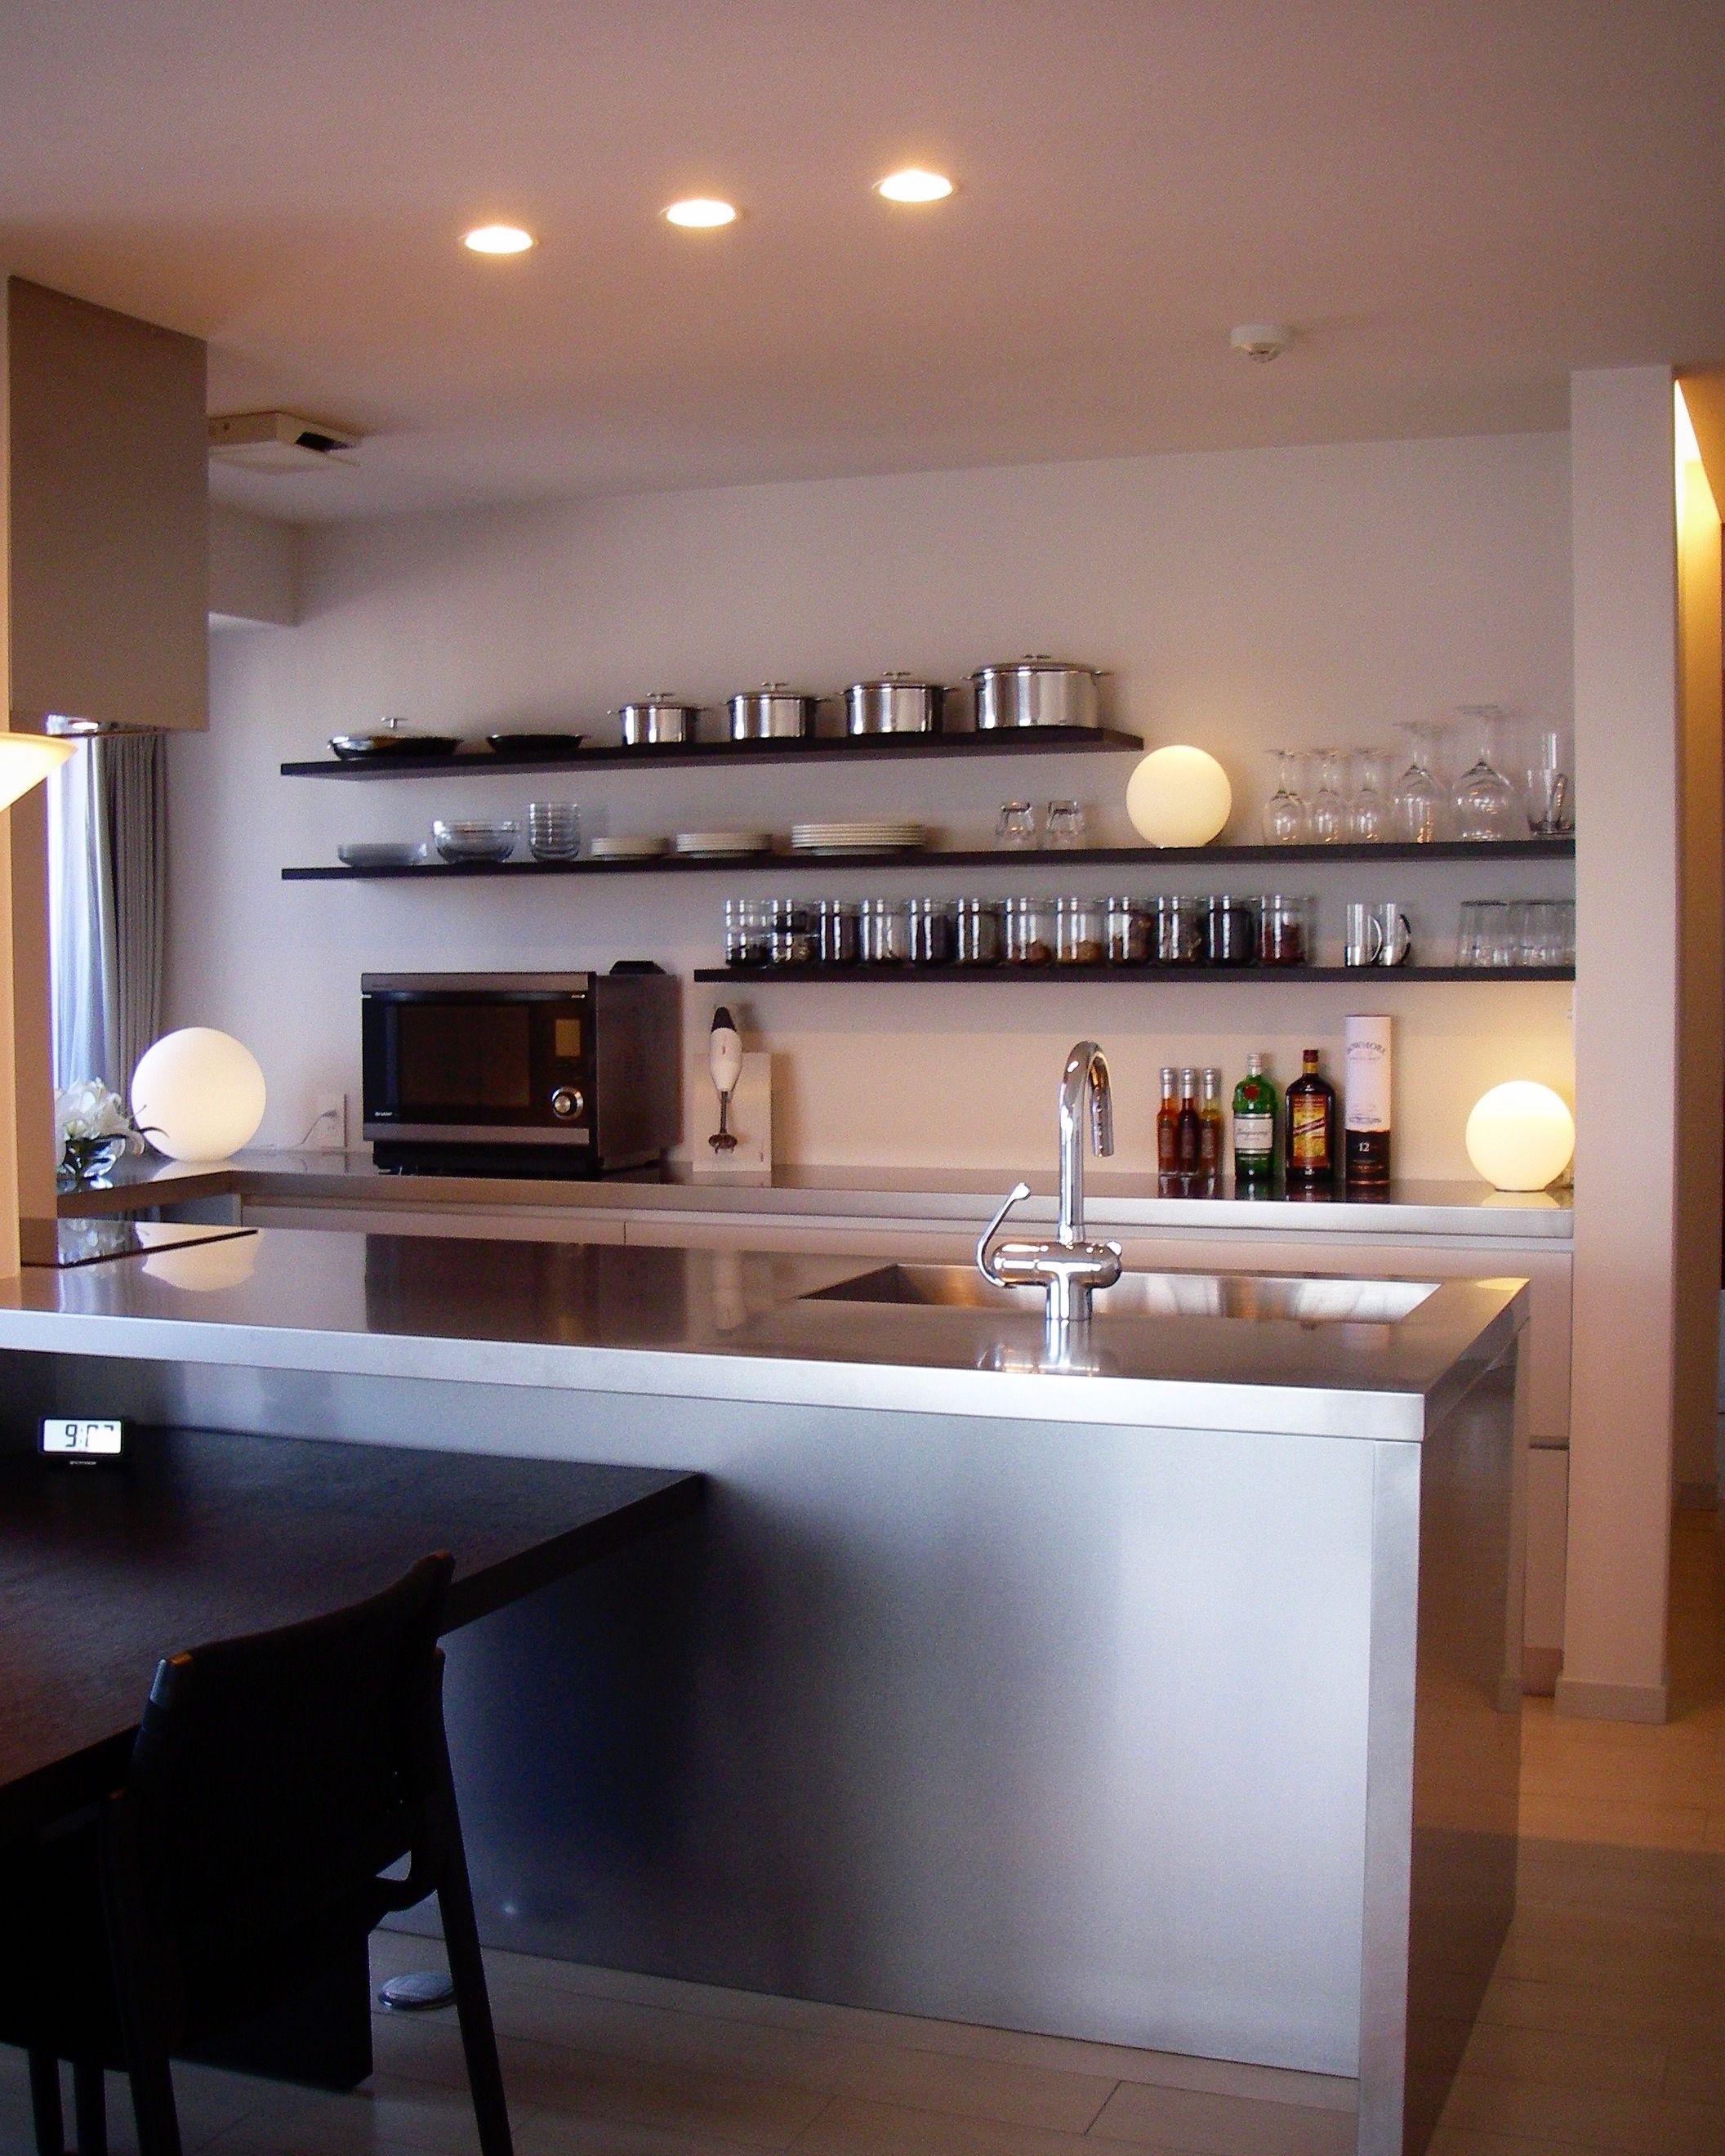 施工事例 ペニンシュラキッチン 天板とサイドパネル バックパネルをステンレスで製作しました ステンレスならではの質感 硬さ エッジ コントラストは他のものでは表現できないかっこよさがあります キッチン オーダーキッチン ステンレスキッチン